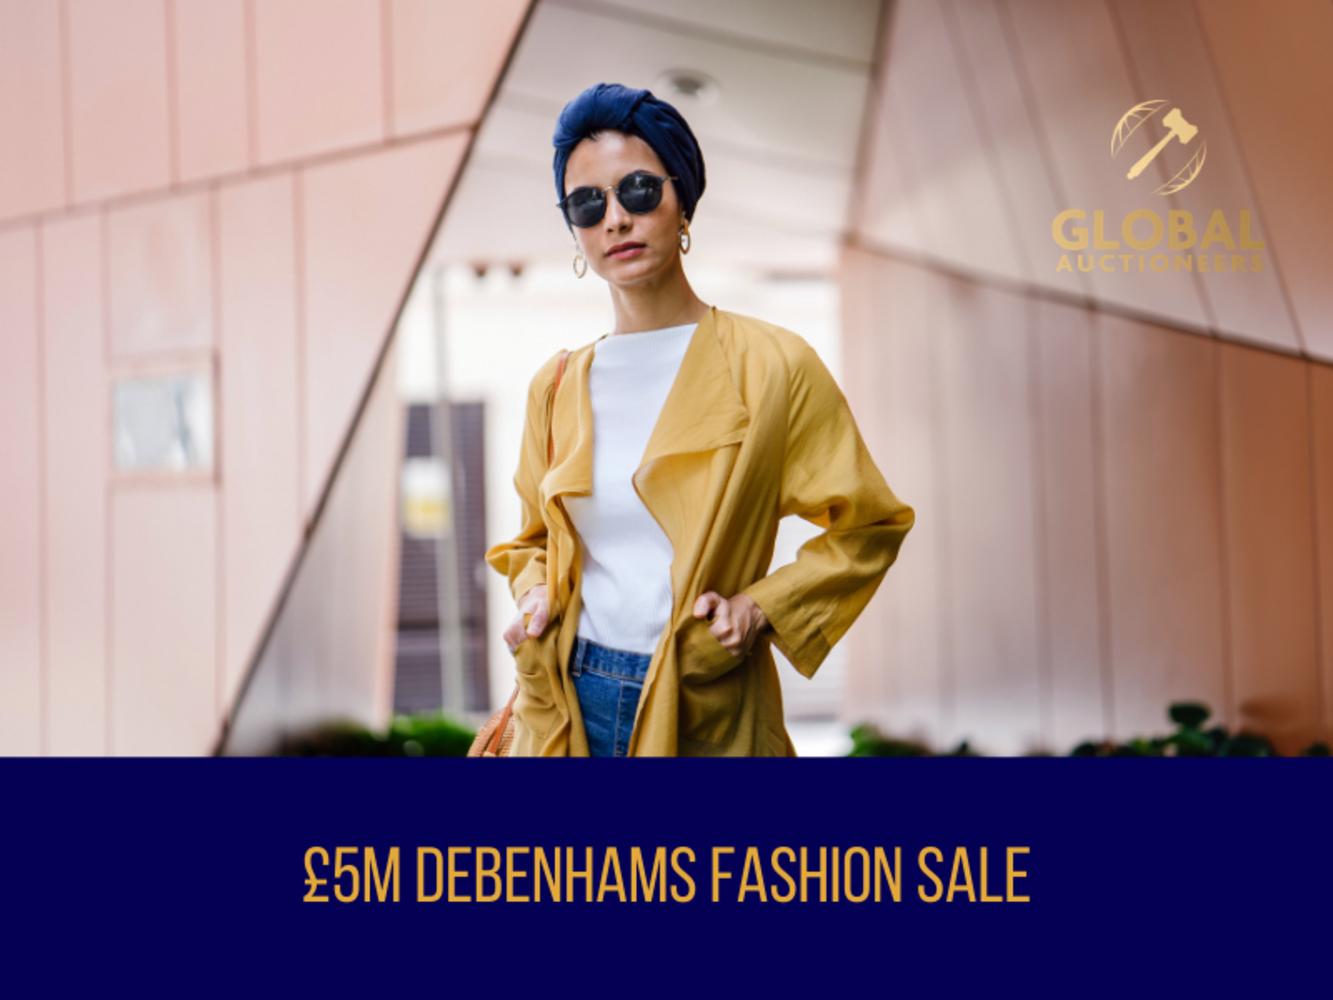 The £5m Debenhams Mega Fashion Sale - 16th April 2021